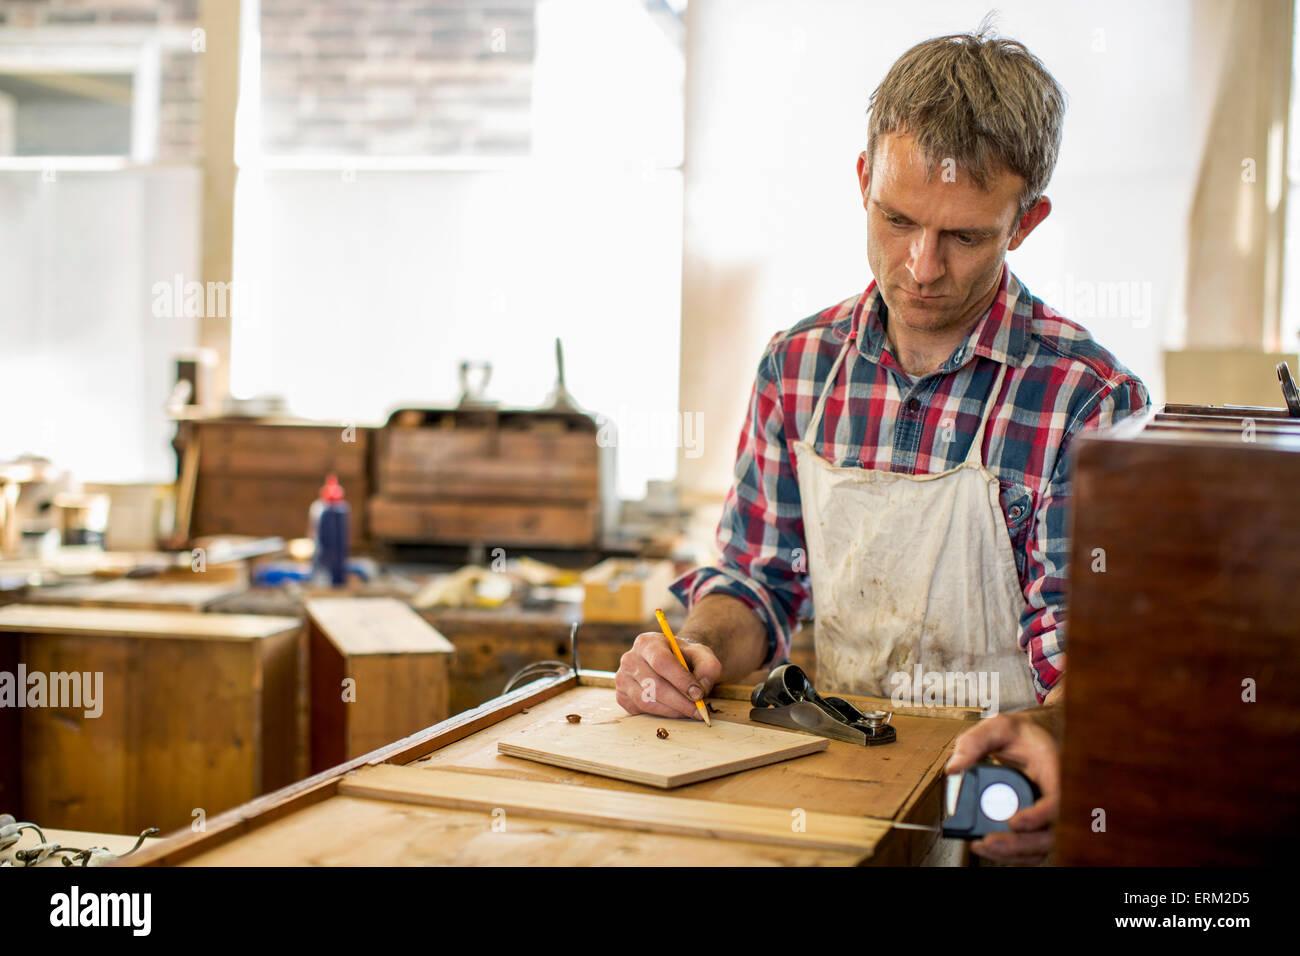 Restaurateur de meubles anciens à l'aide d'un dessin au crayon et à la planification de son travail. Banque D'Images